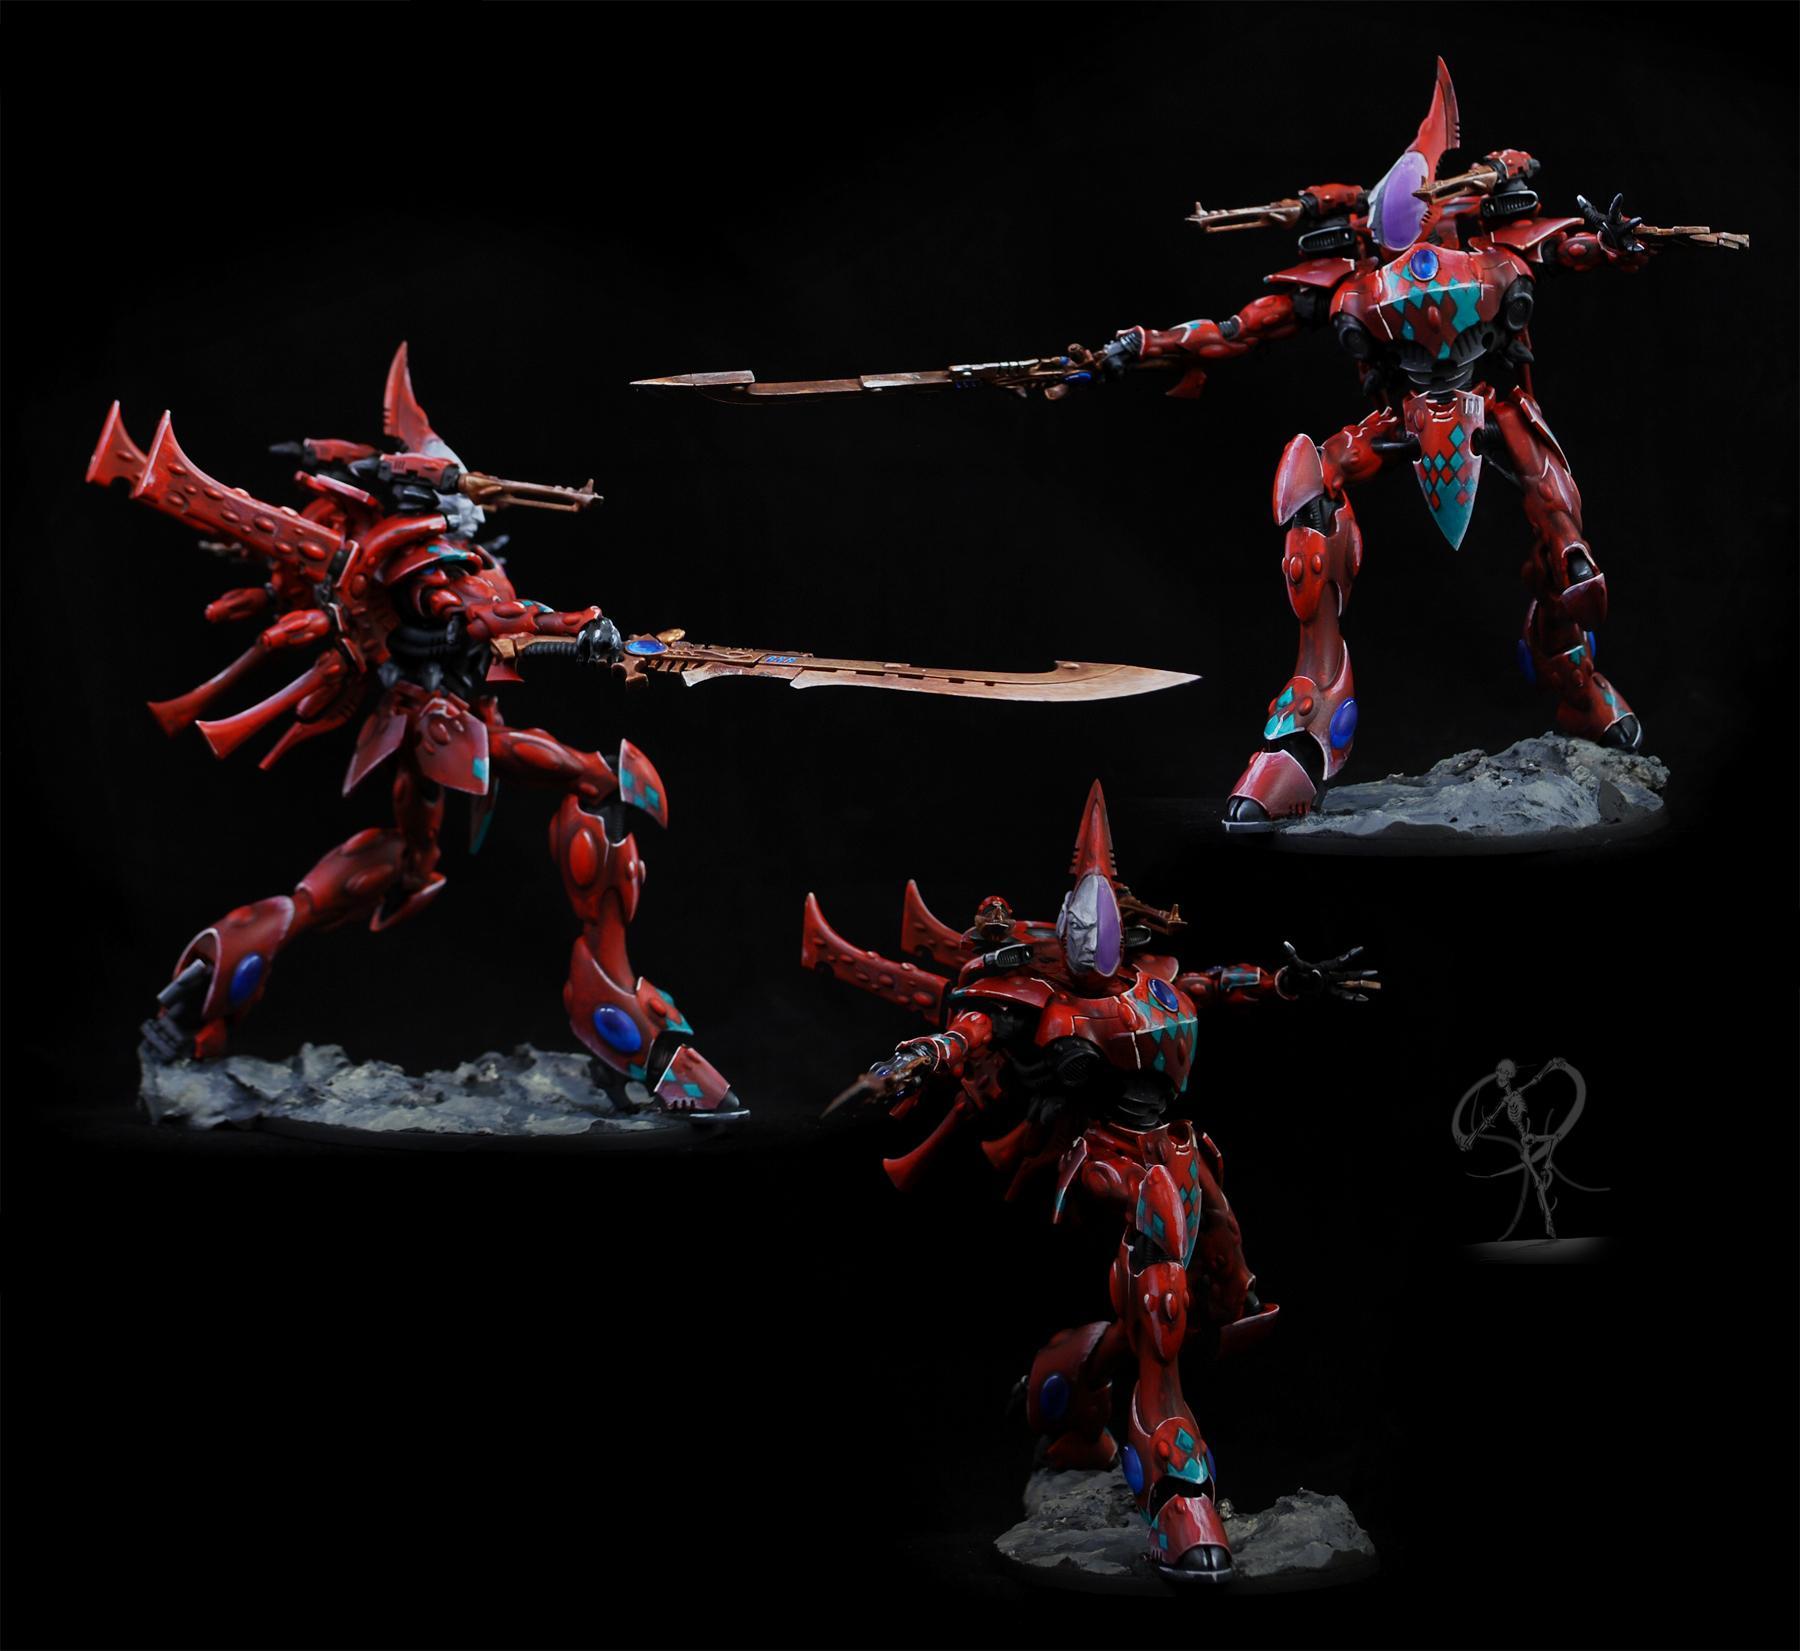 Conversion, Eldar, Freehand, Knights, Magnet, Non-Metallic Metal, Titan, Wraithknight